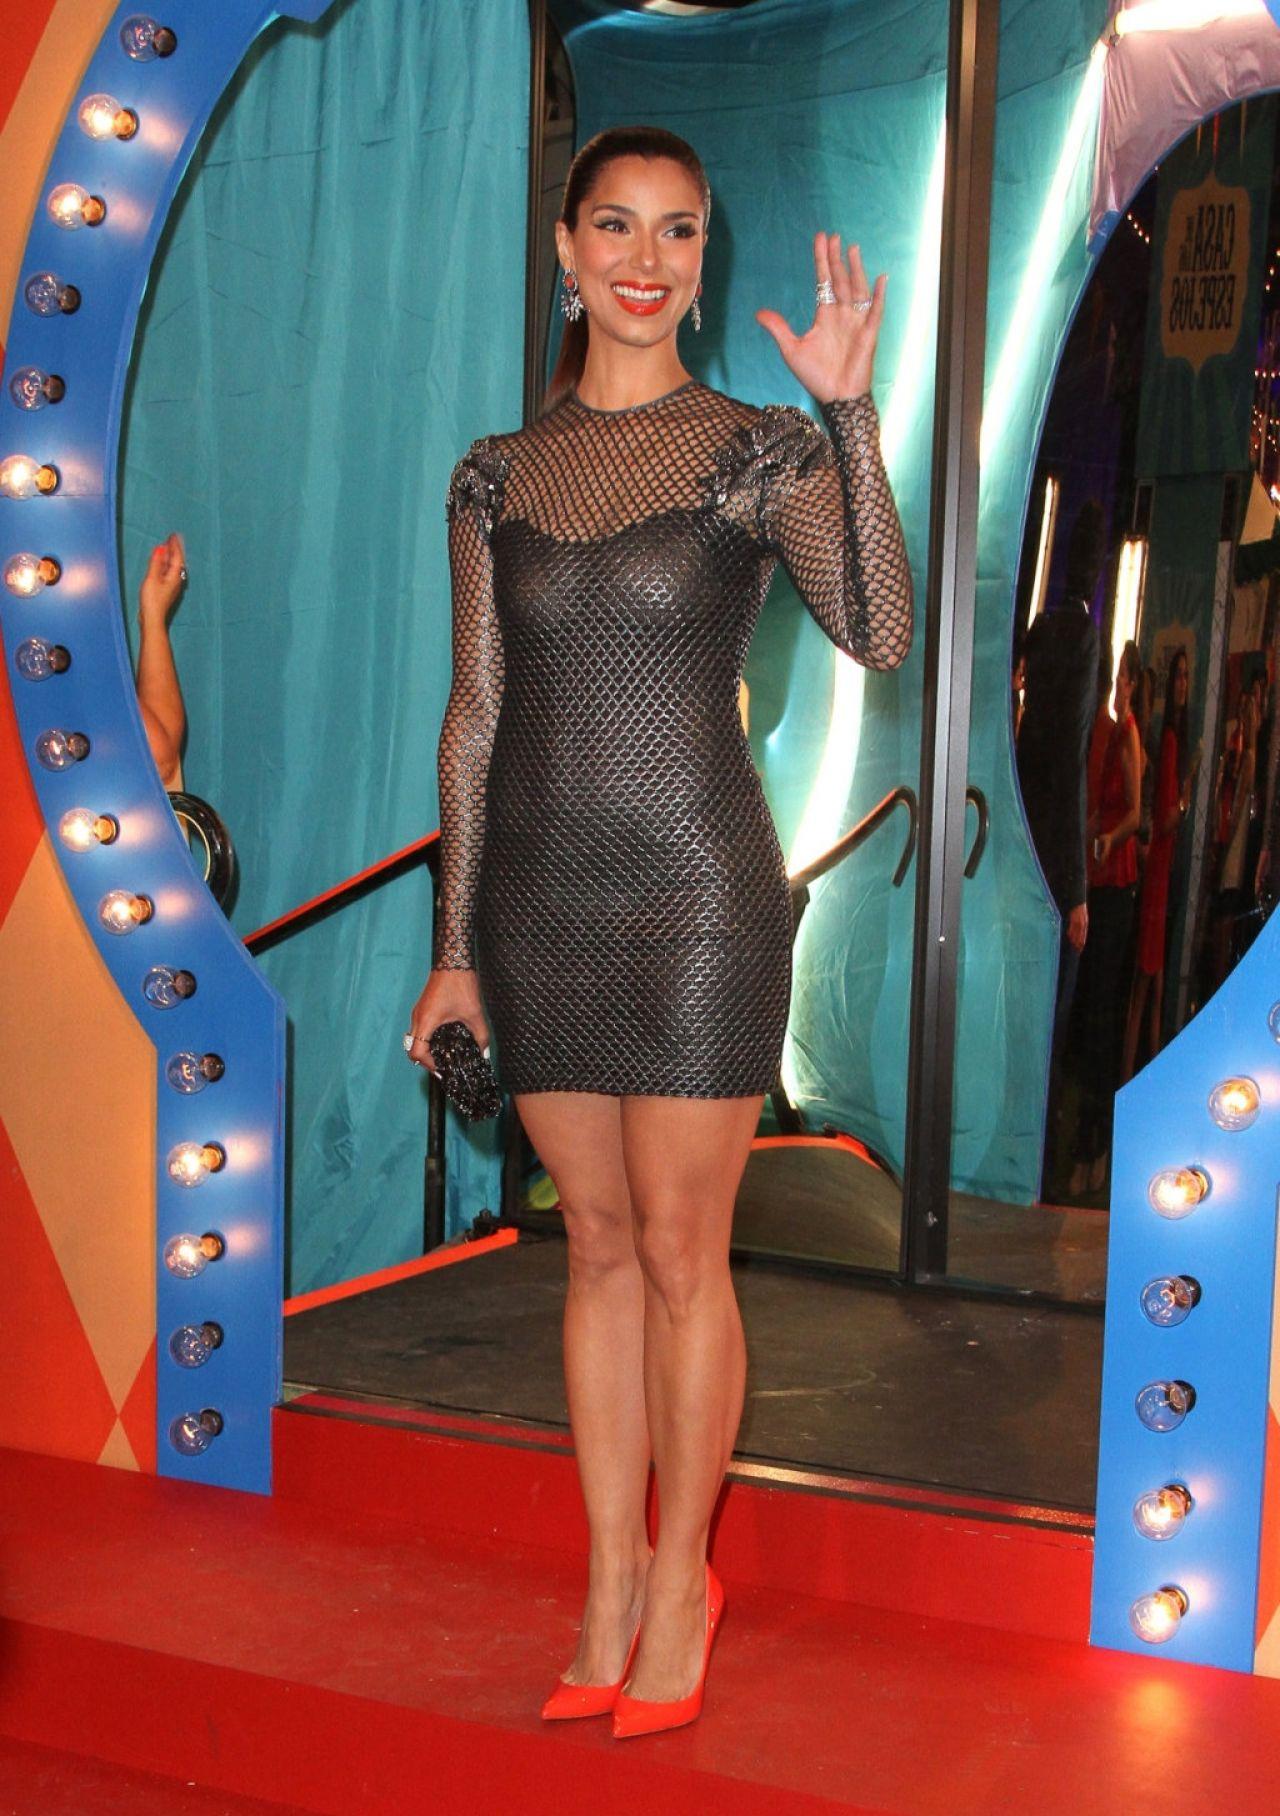 Roselyn Sanchez 2014 Premios Juventud Awards In Miami